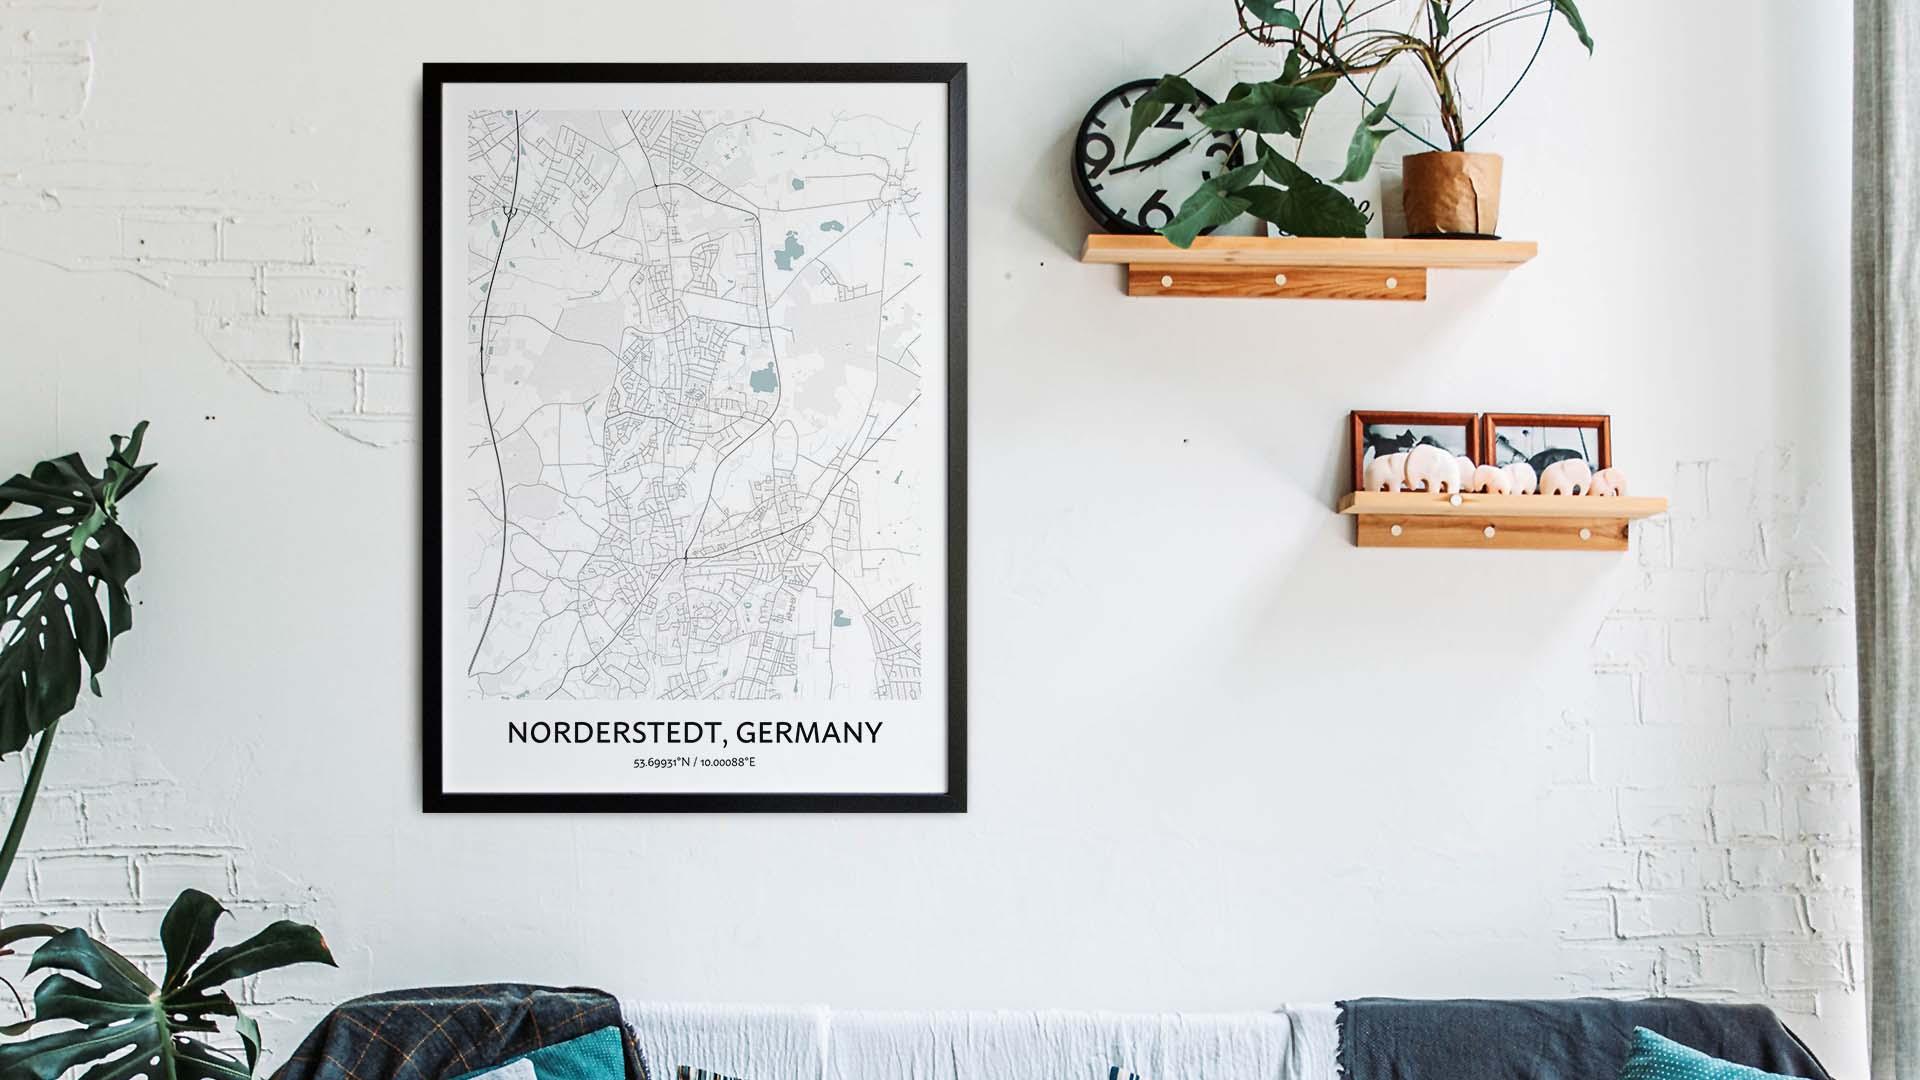 Norderstedt map art